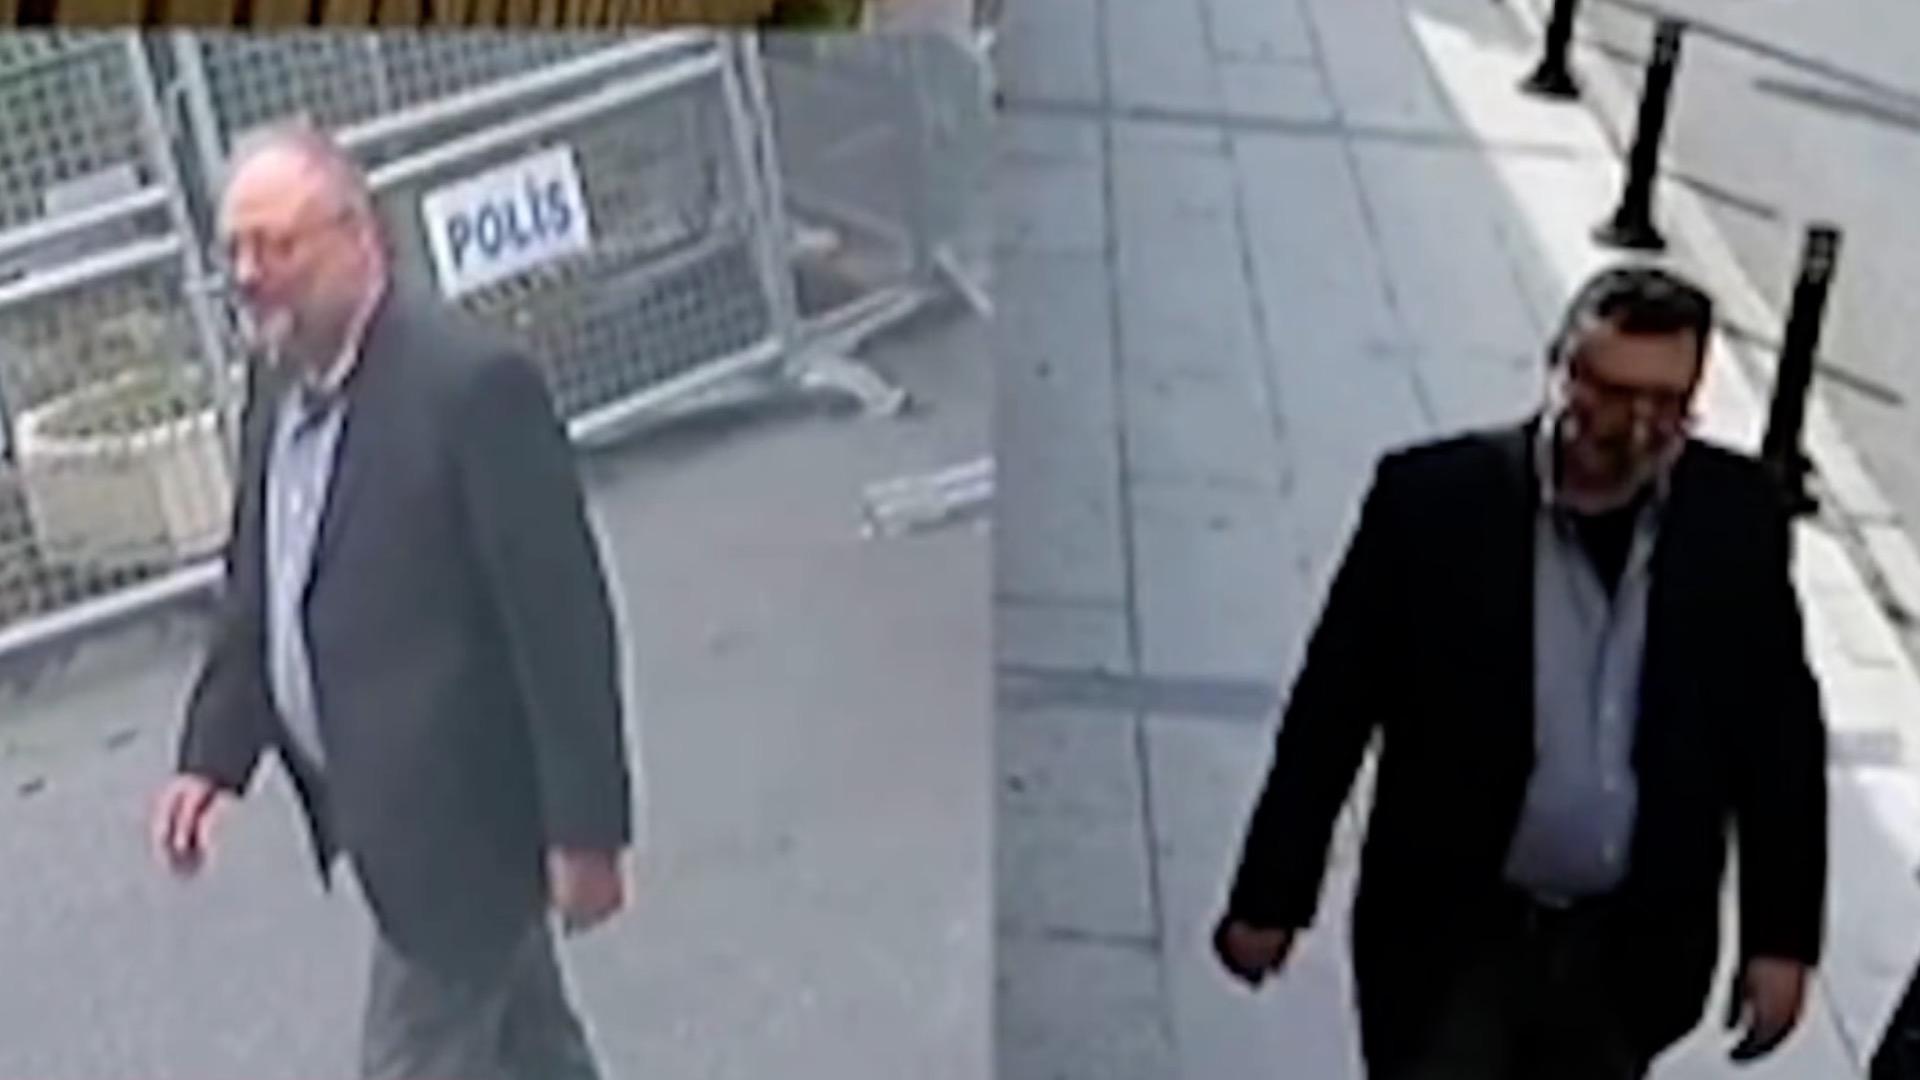 土耳其放出重磅视频:沙特特工假扮遇害记者